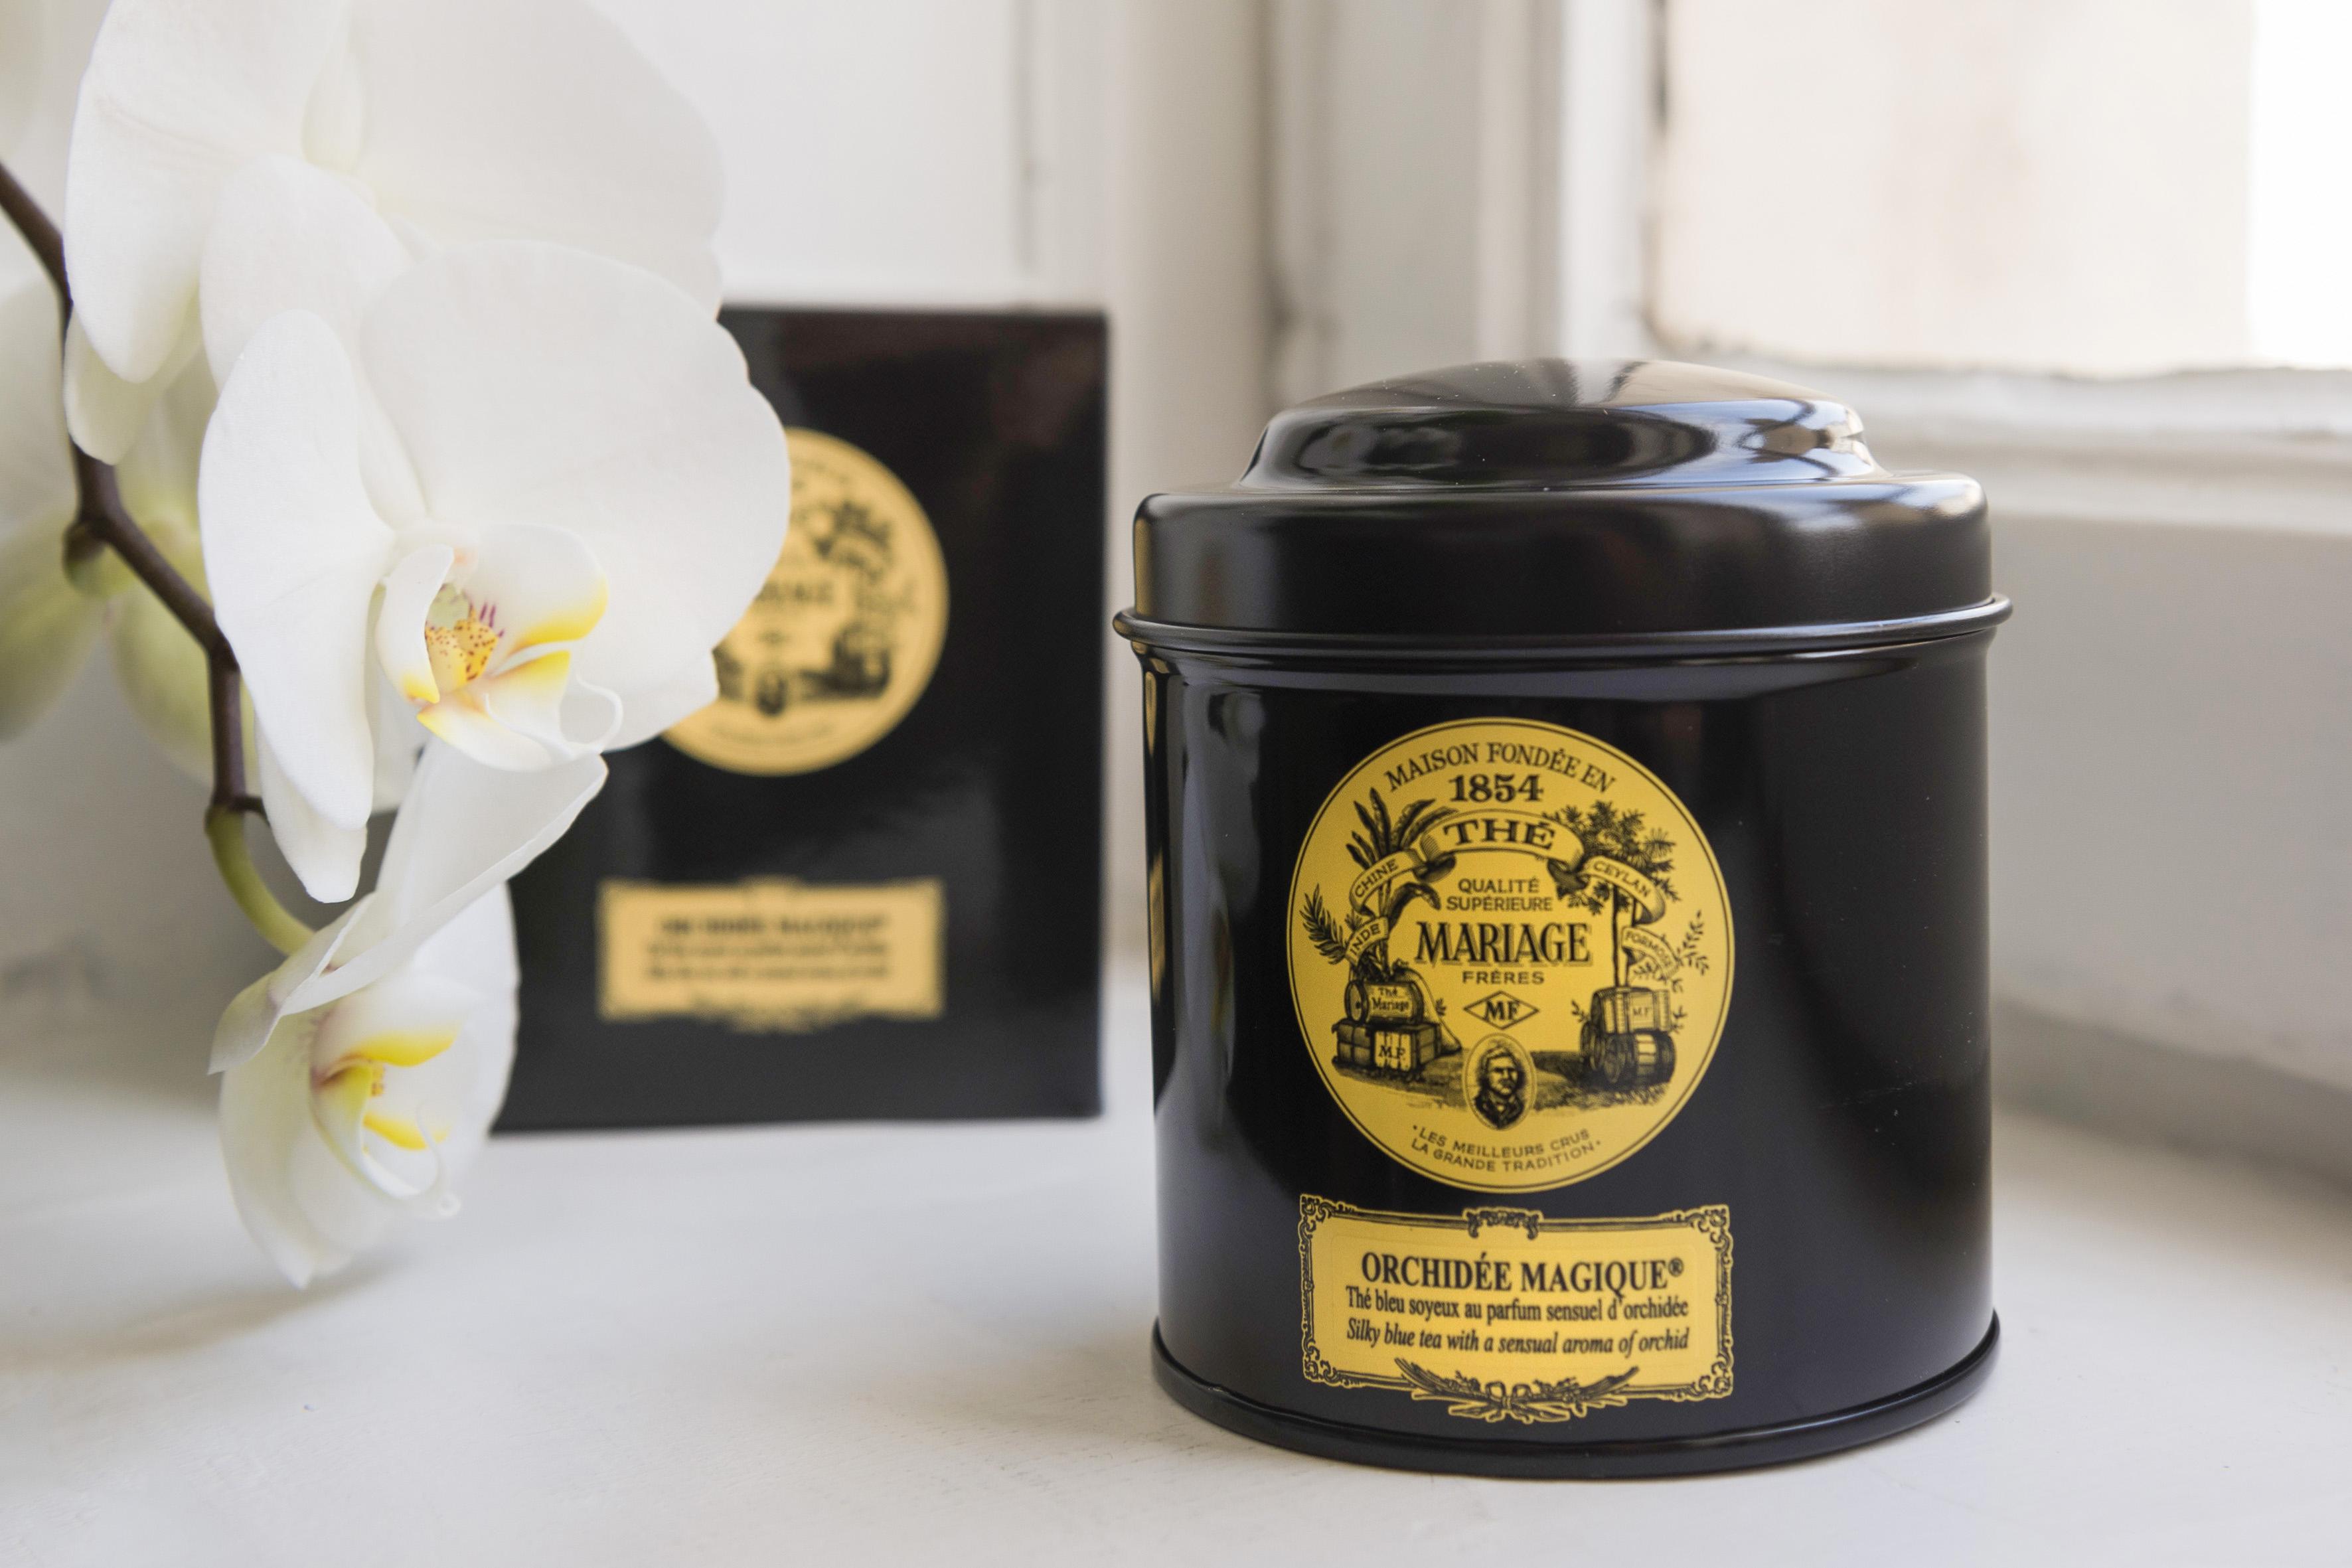 Photographie d'une boîte de thé Mariage Frères.